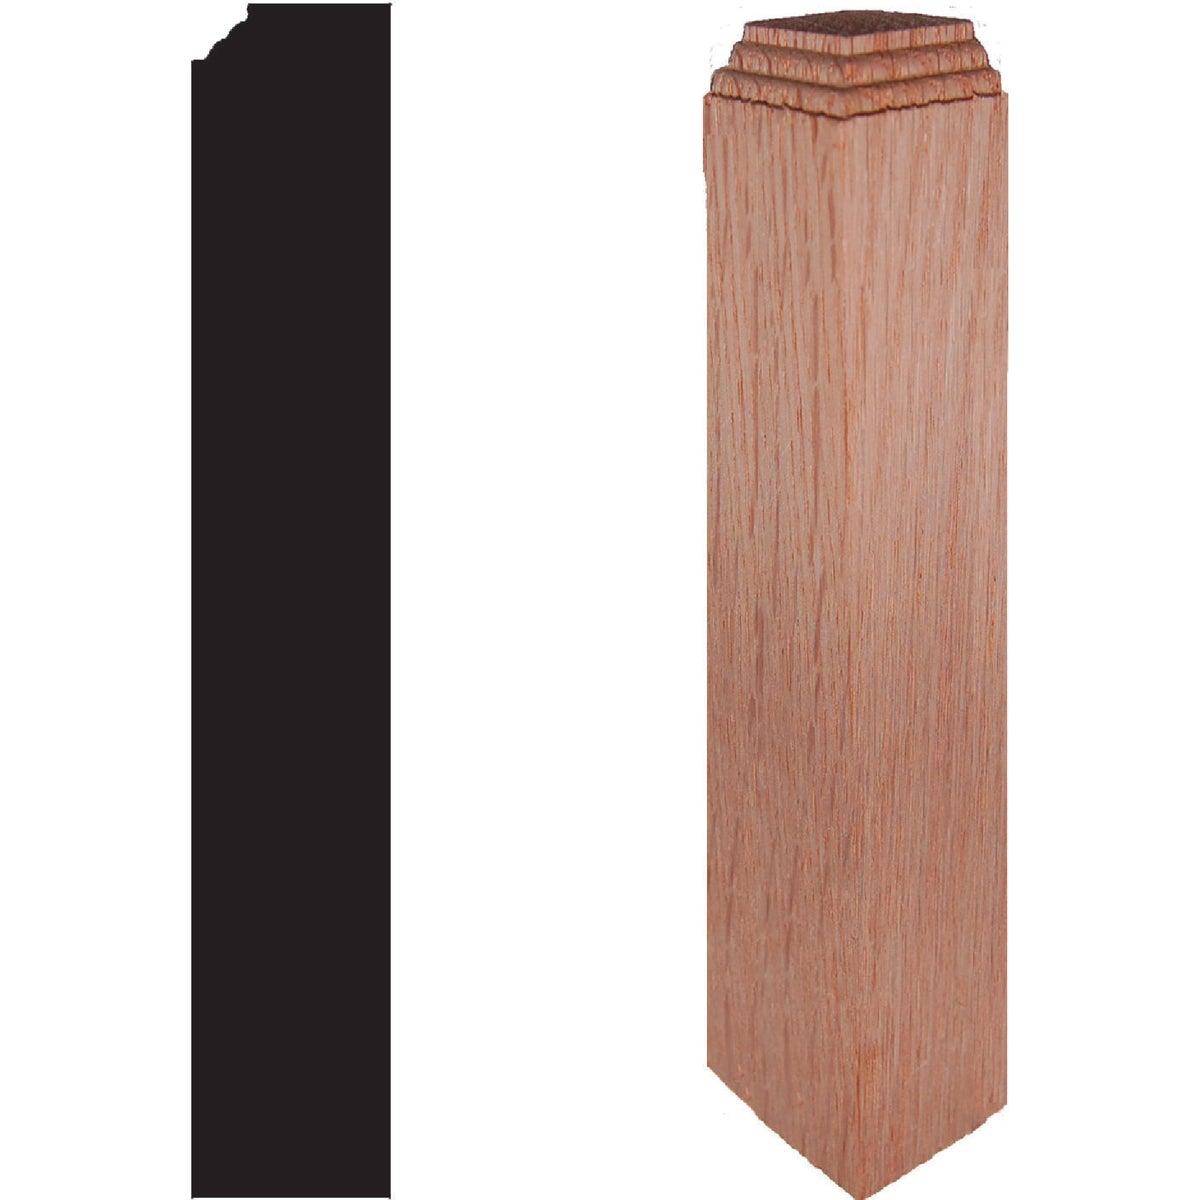 1X1X6 Oak Isc Block